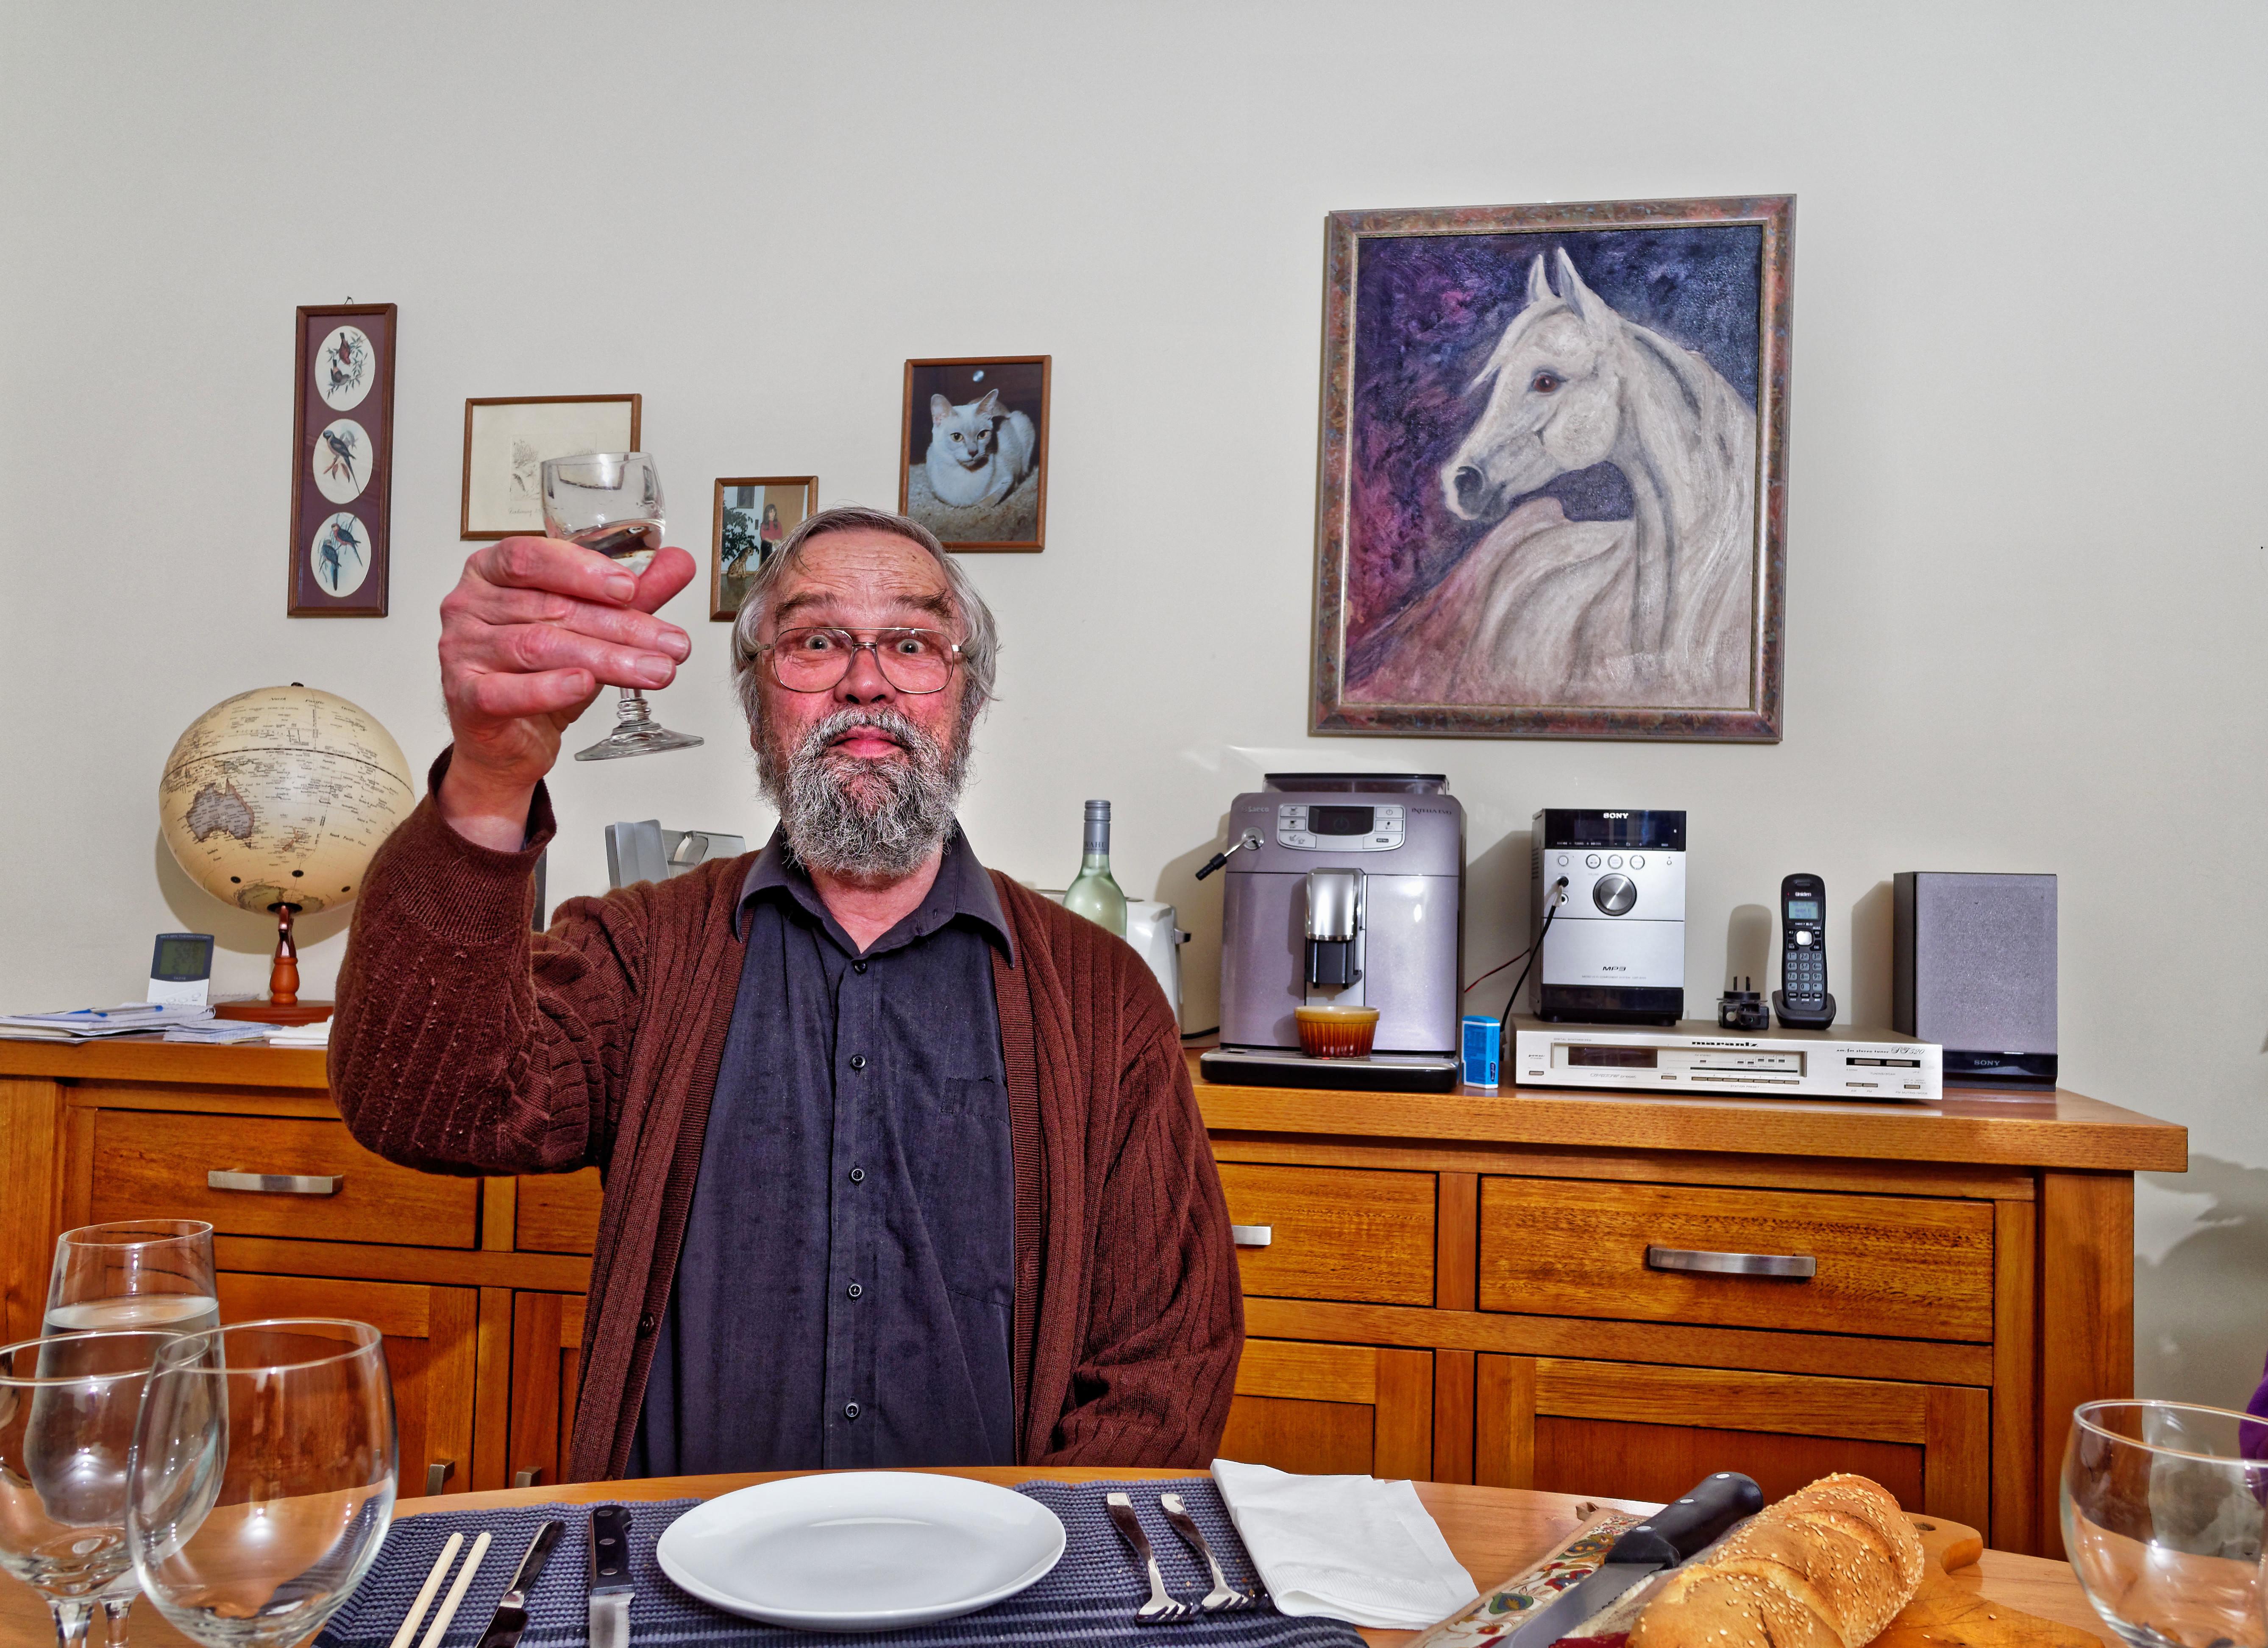 Dinner-panorama-6.jpeg